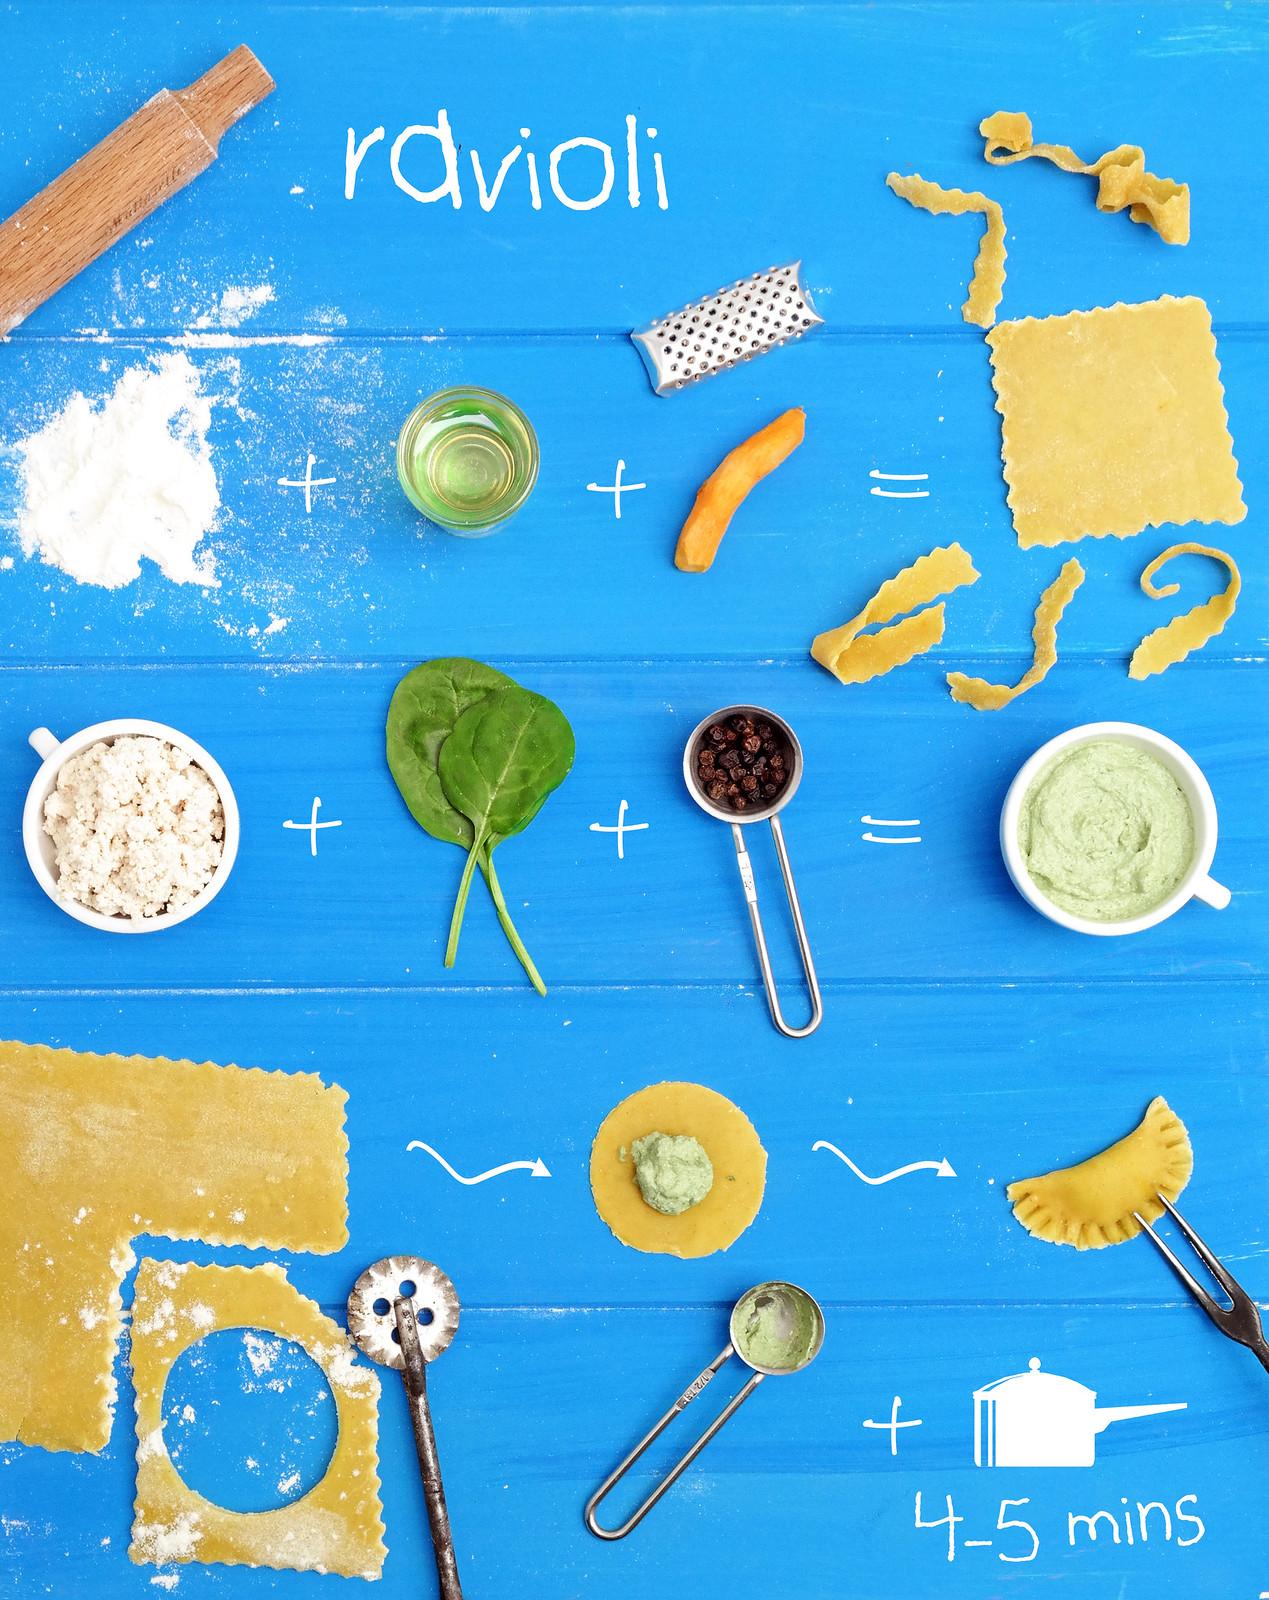 Ravioli - Making of